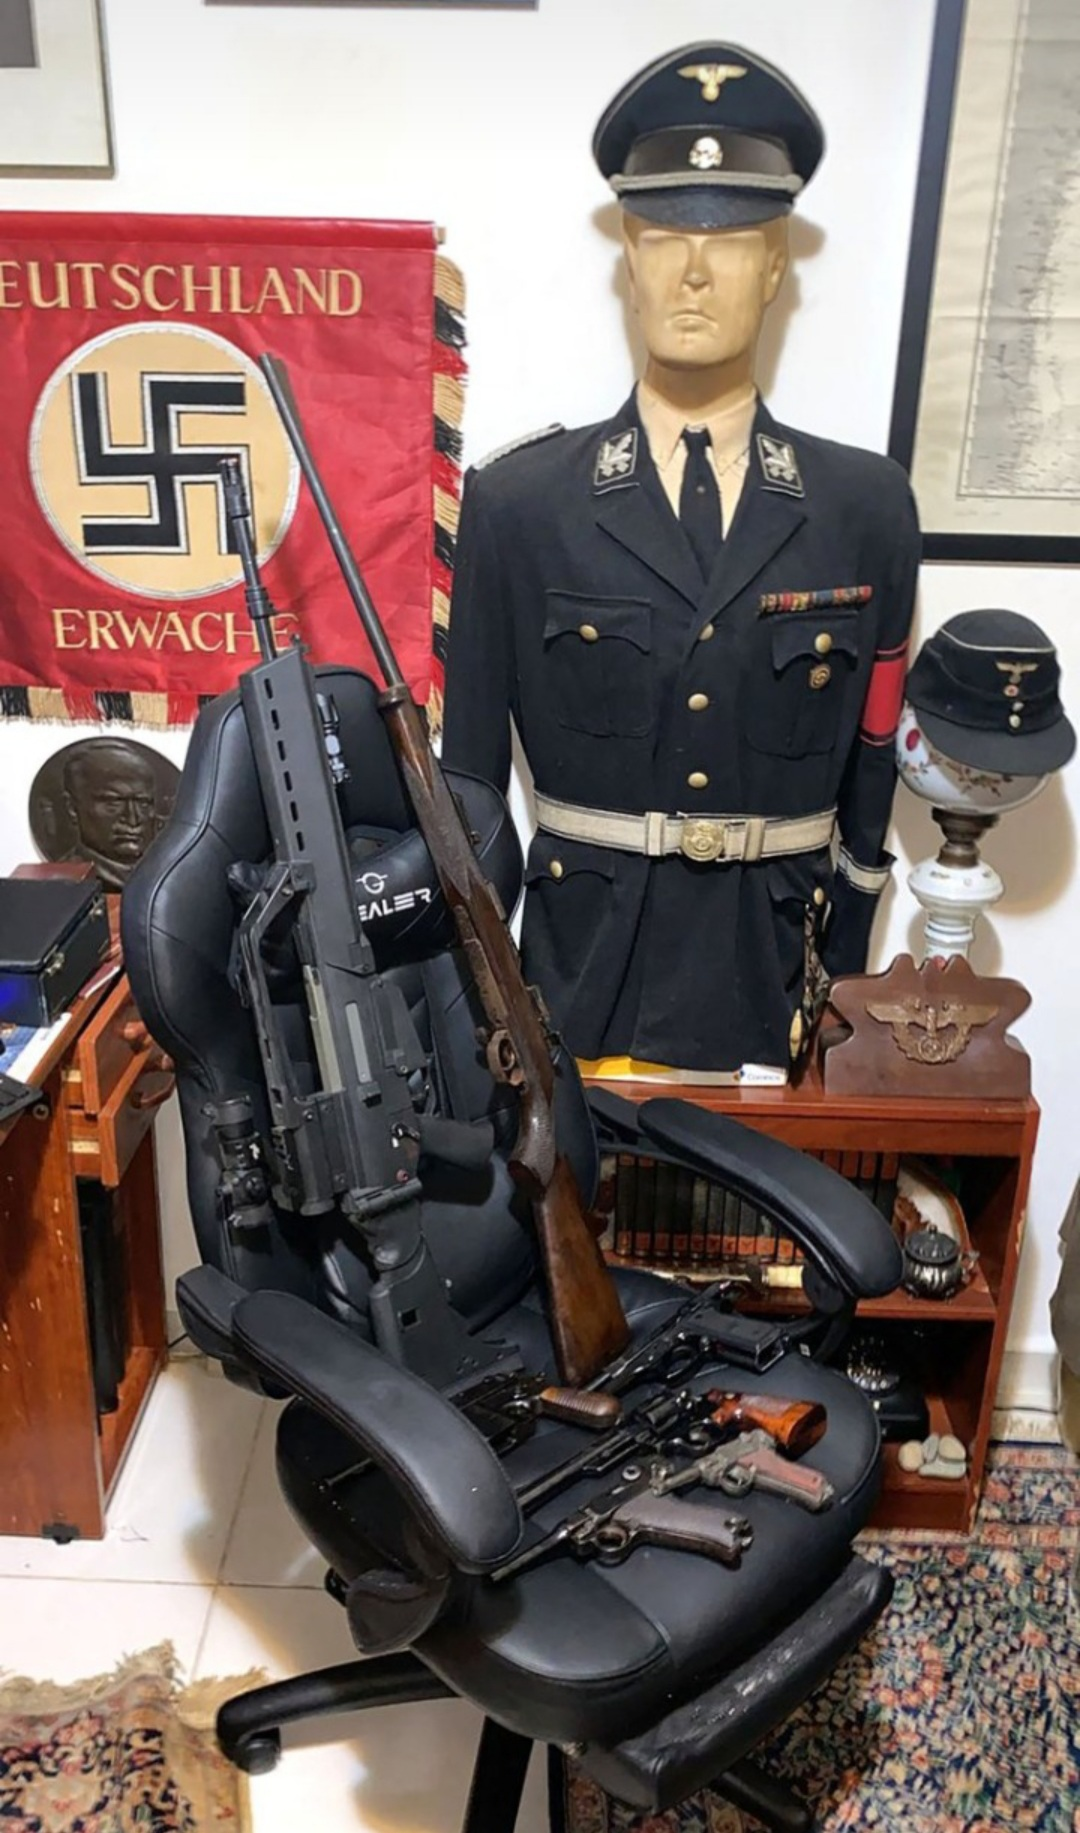 Fueron a detener a un pedófilo y se encontraron con una colección de objetos nazis